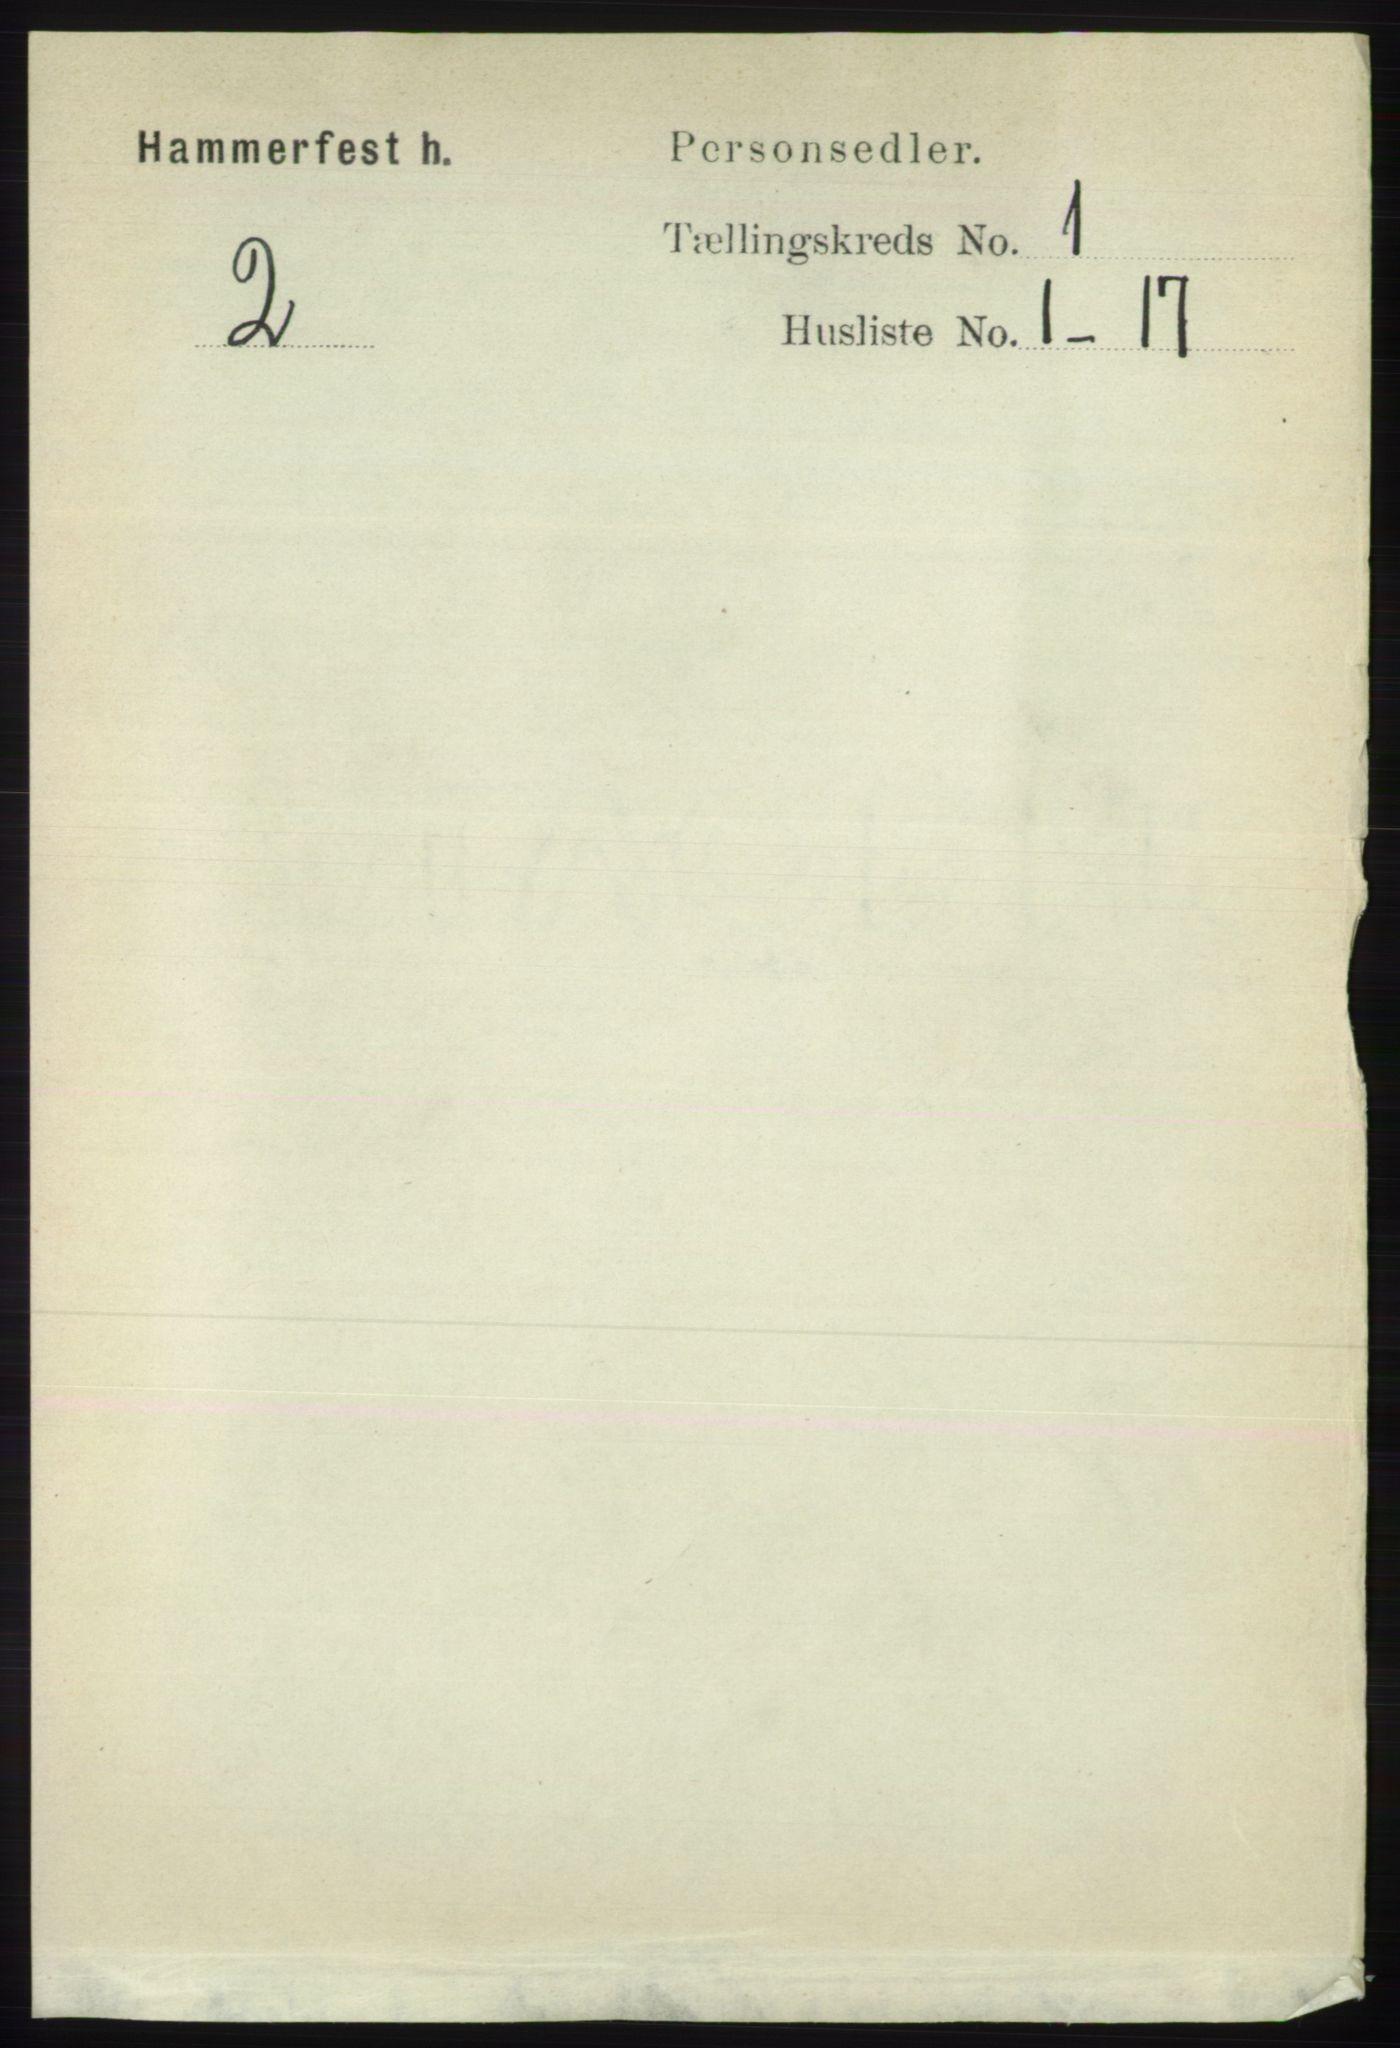 RA, Folketelling 1891 for 2016 Hammerfest herred, 1891, s. 81